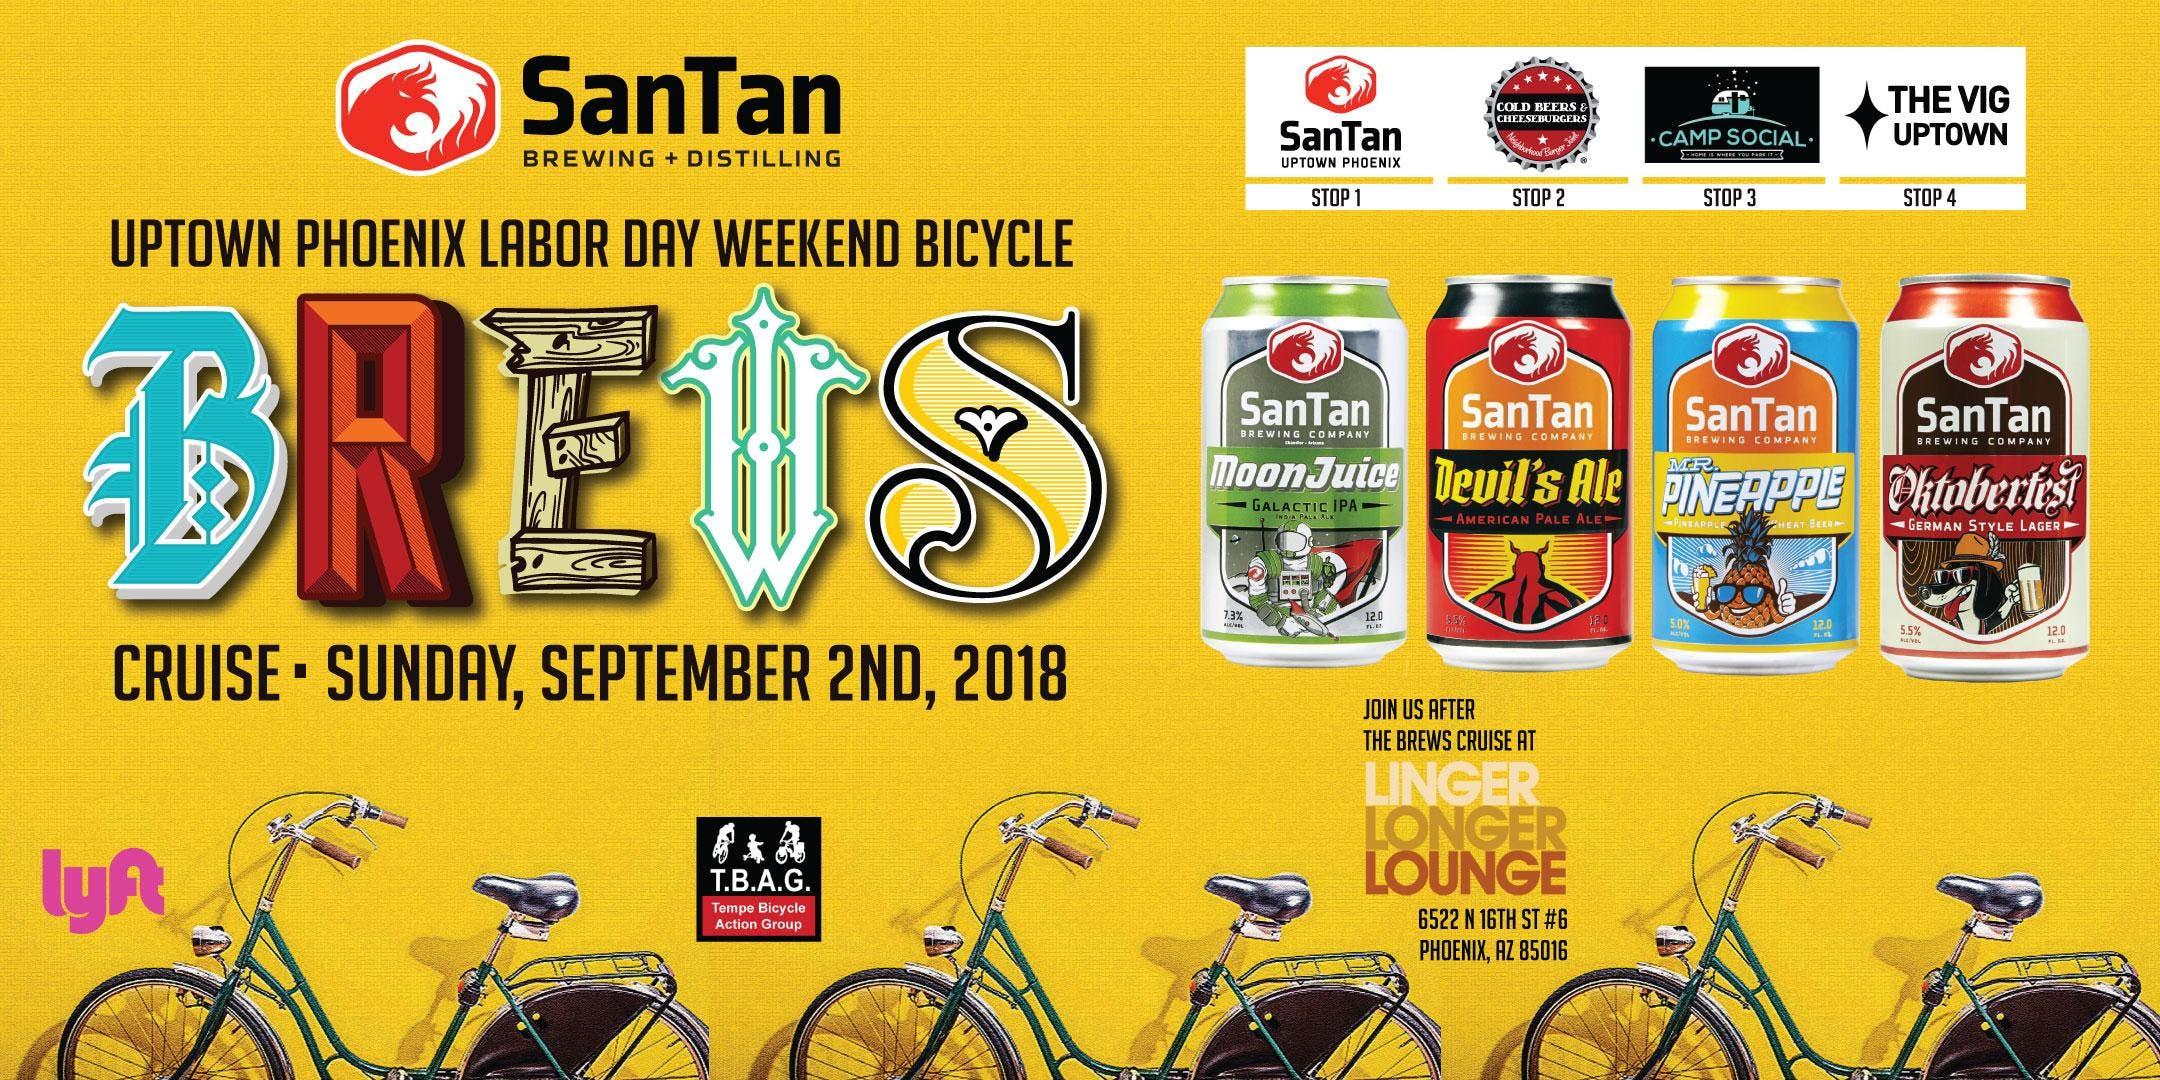 SanTan Brews Cruise